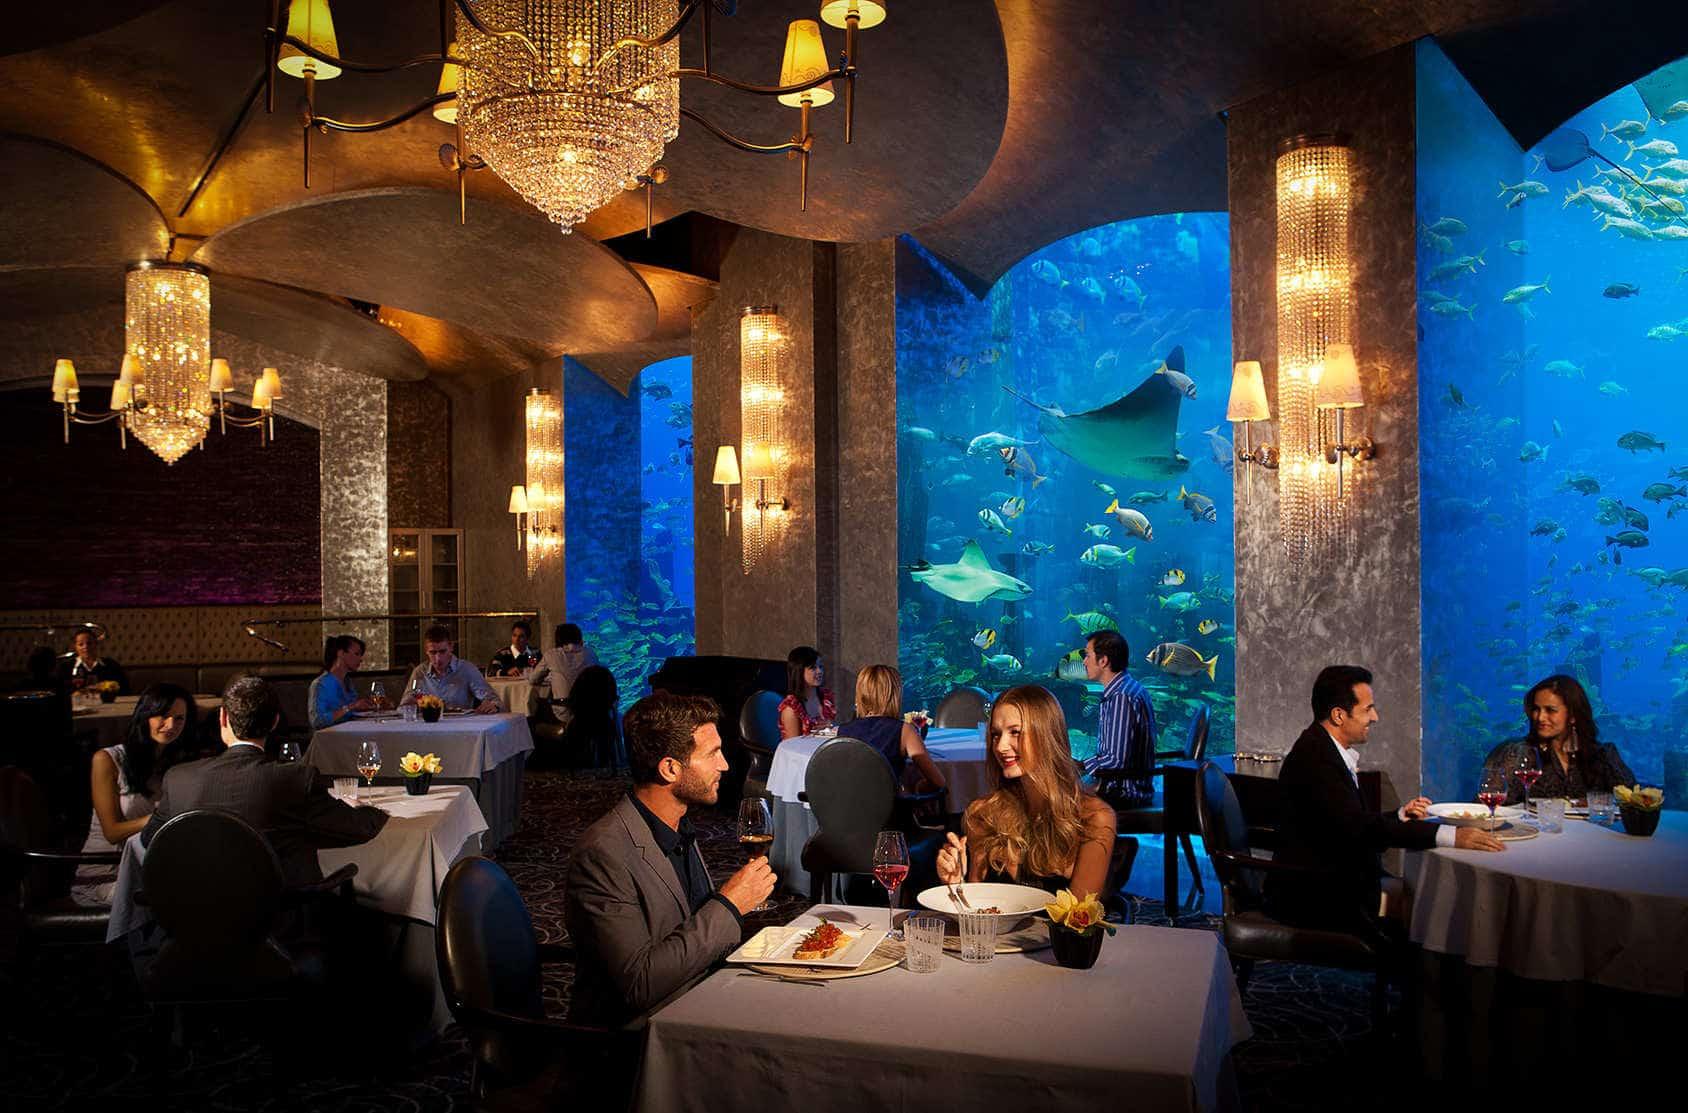 Atlantis The Palm, Dubai – underwater hotel